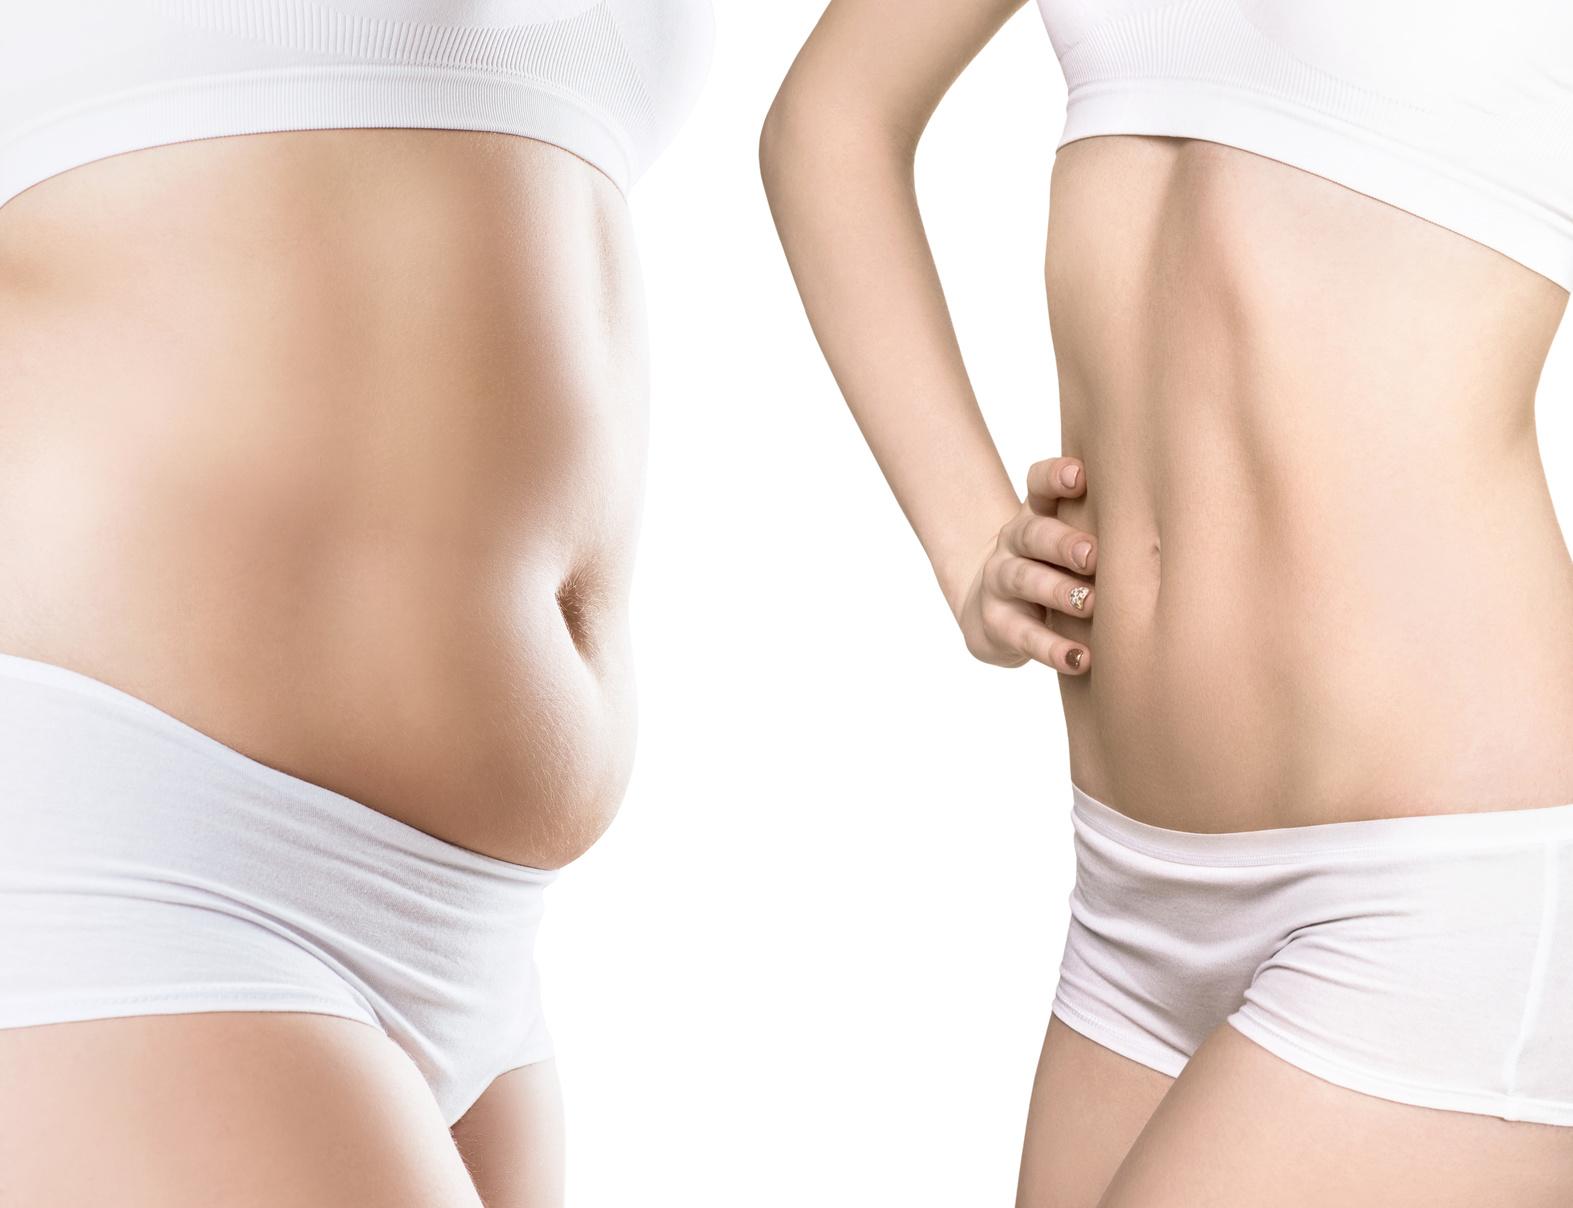 Kriolipoliza - rozbijanie komórek tłuszczowych za pomocą niskiej temperatury